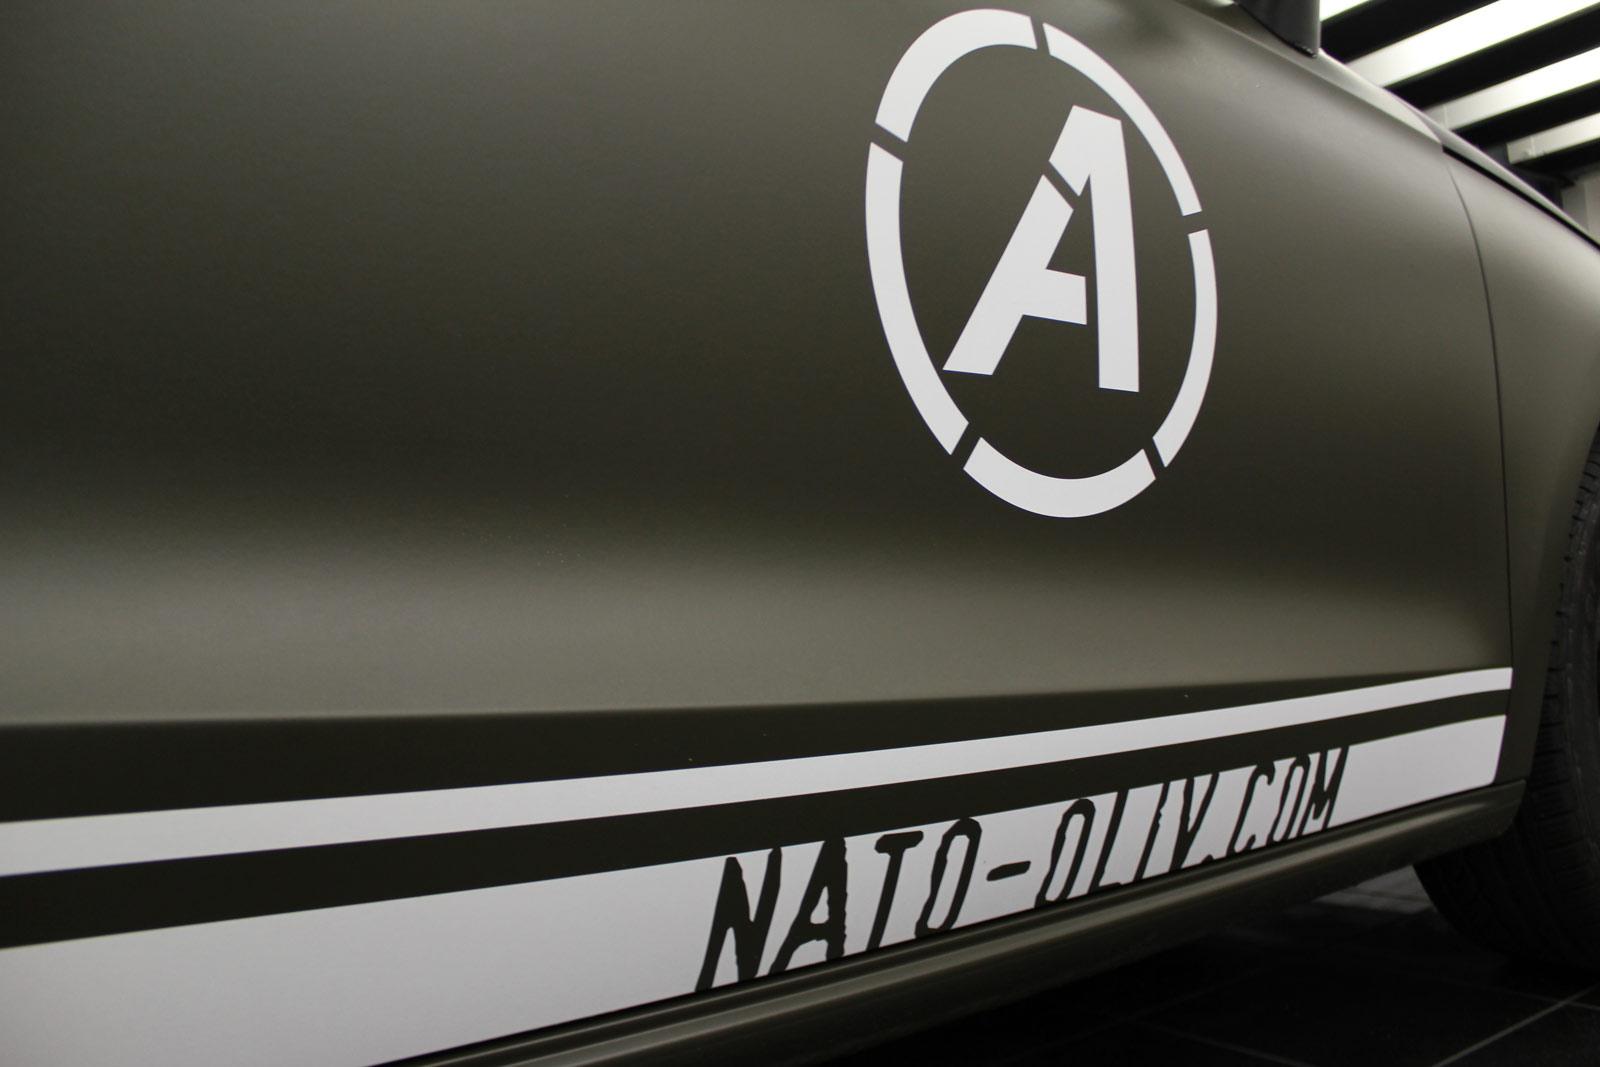 Audi_A1_Nato-oliv_Matt_Steinschlagschutz_15